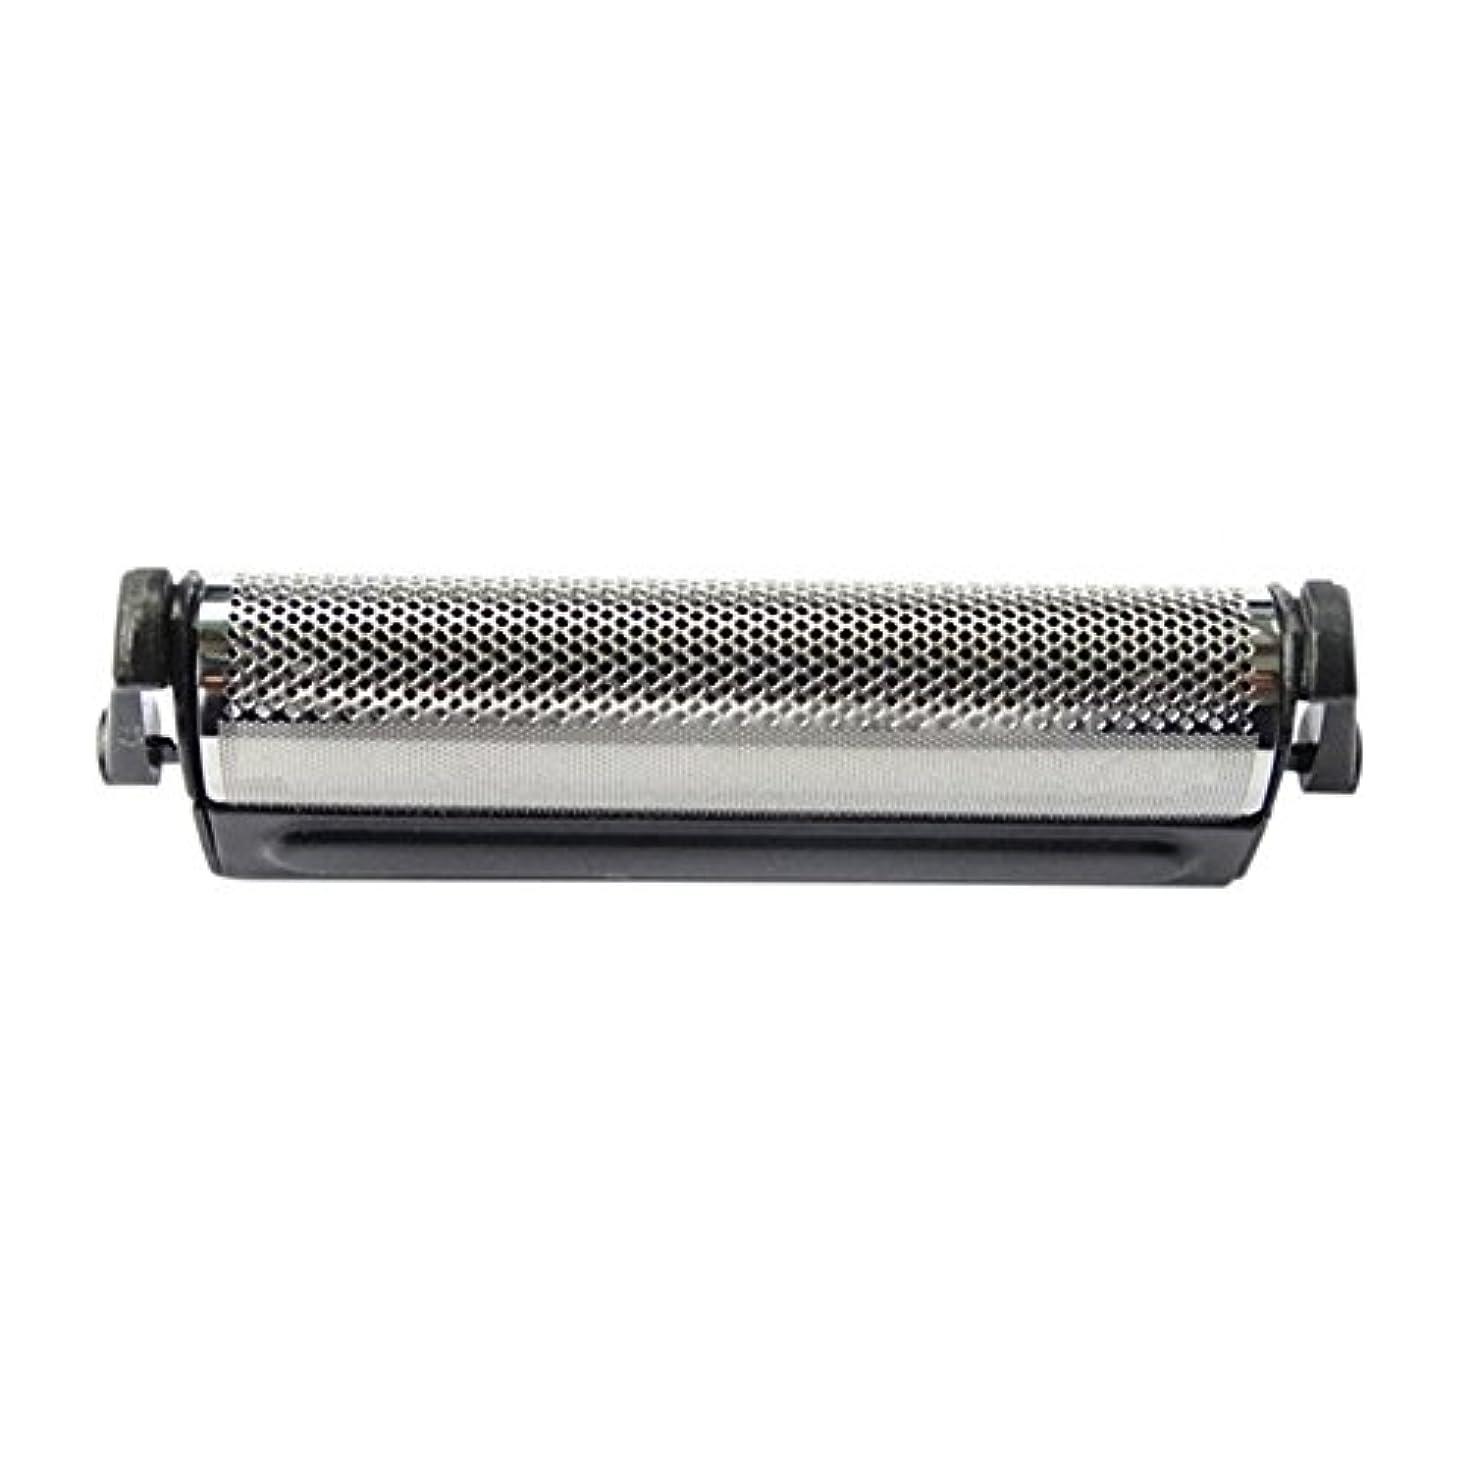 支配する振り向く持続的HZjundasi シェーバー剃刀 Outer ホイル for Panasonic ES518/RC20/5821/5801 ES9933C